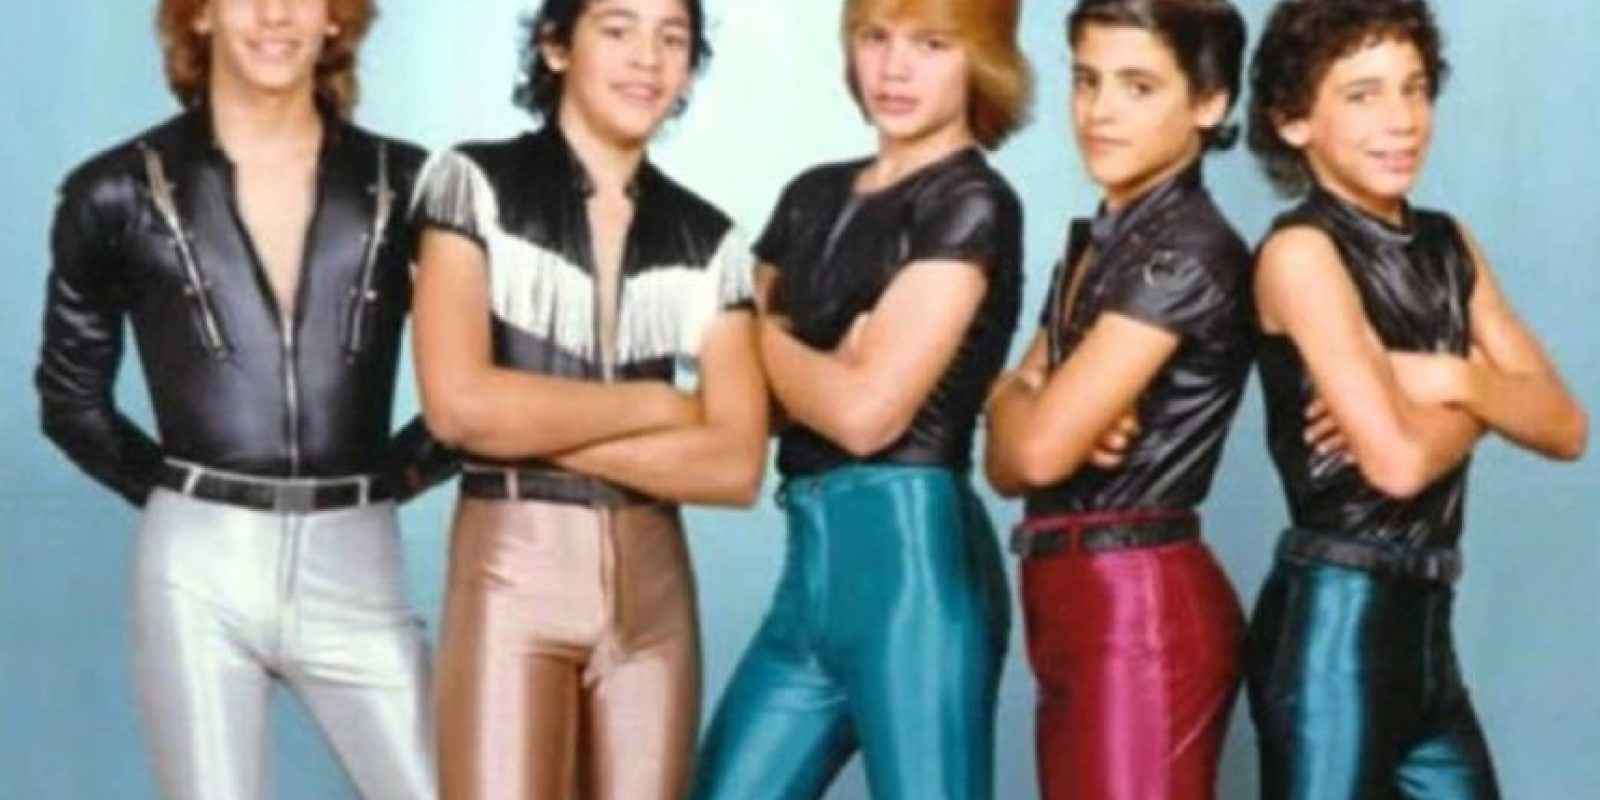 """13. """"Menudo"""". La agrupación puertorriqueña infantil también dejaba mucho qué desear en cuanto a su vestuario. Foto:Know Your Meme"""